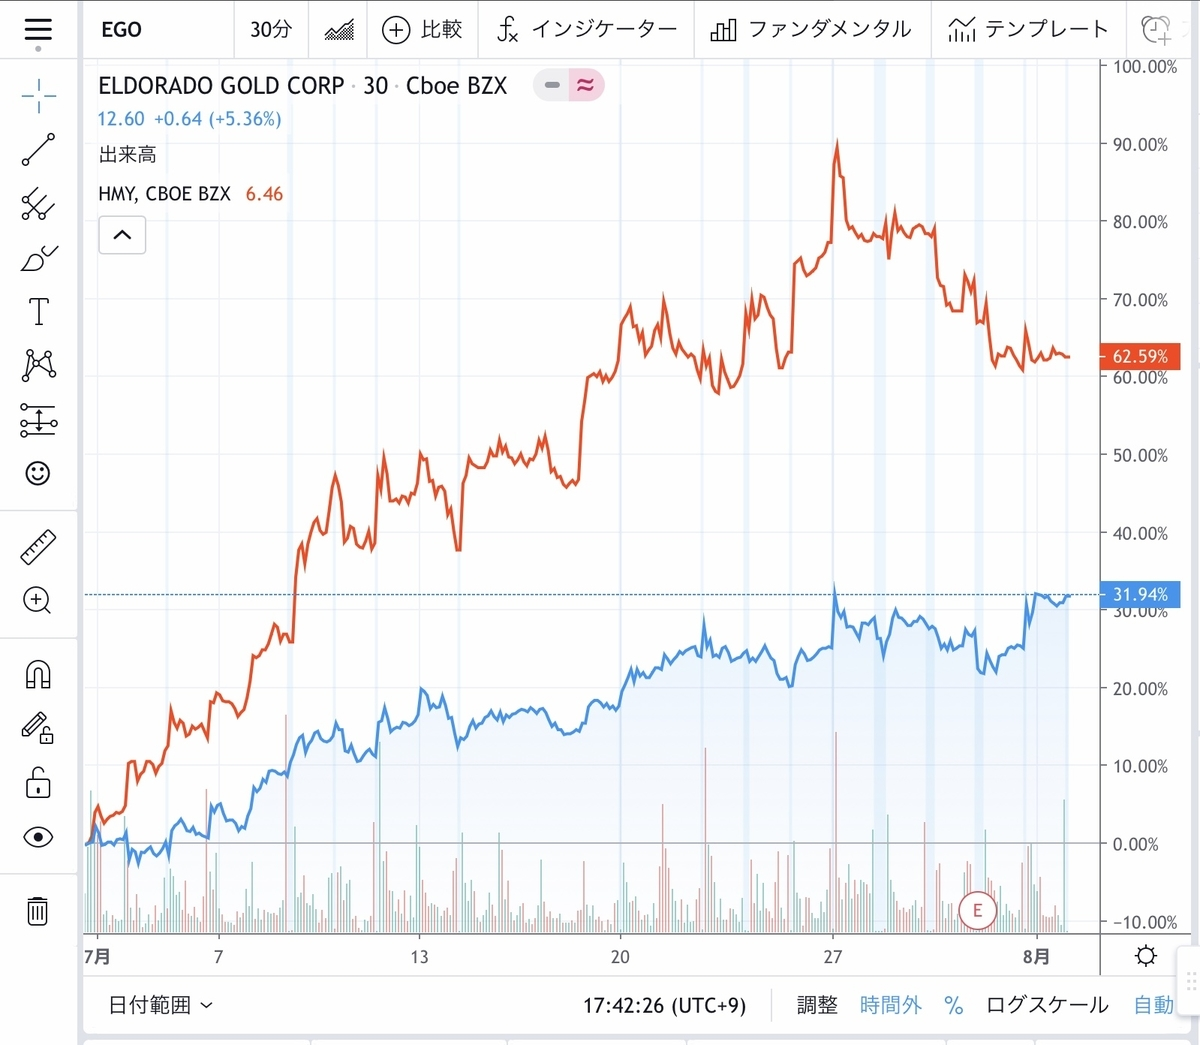 f:id:US-Stocks:20200802174647j:plain